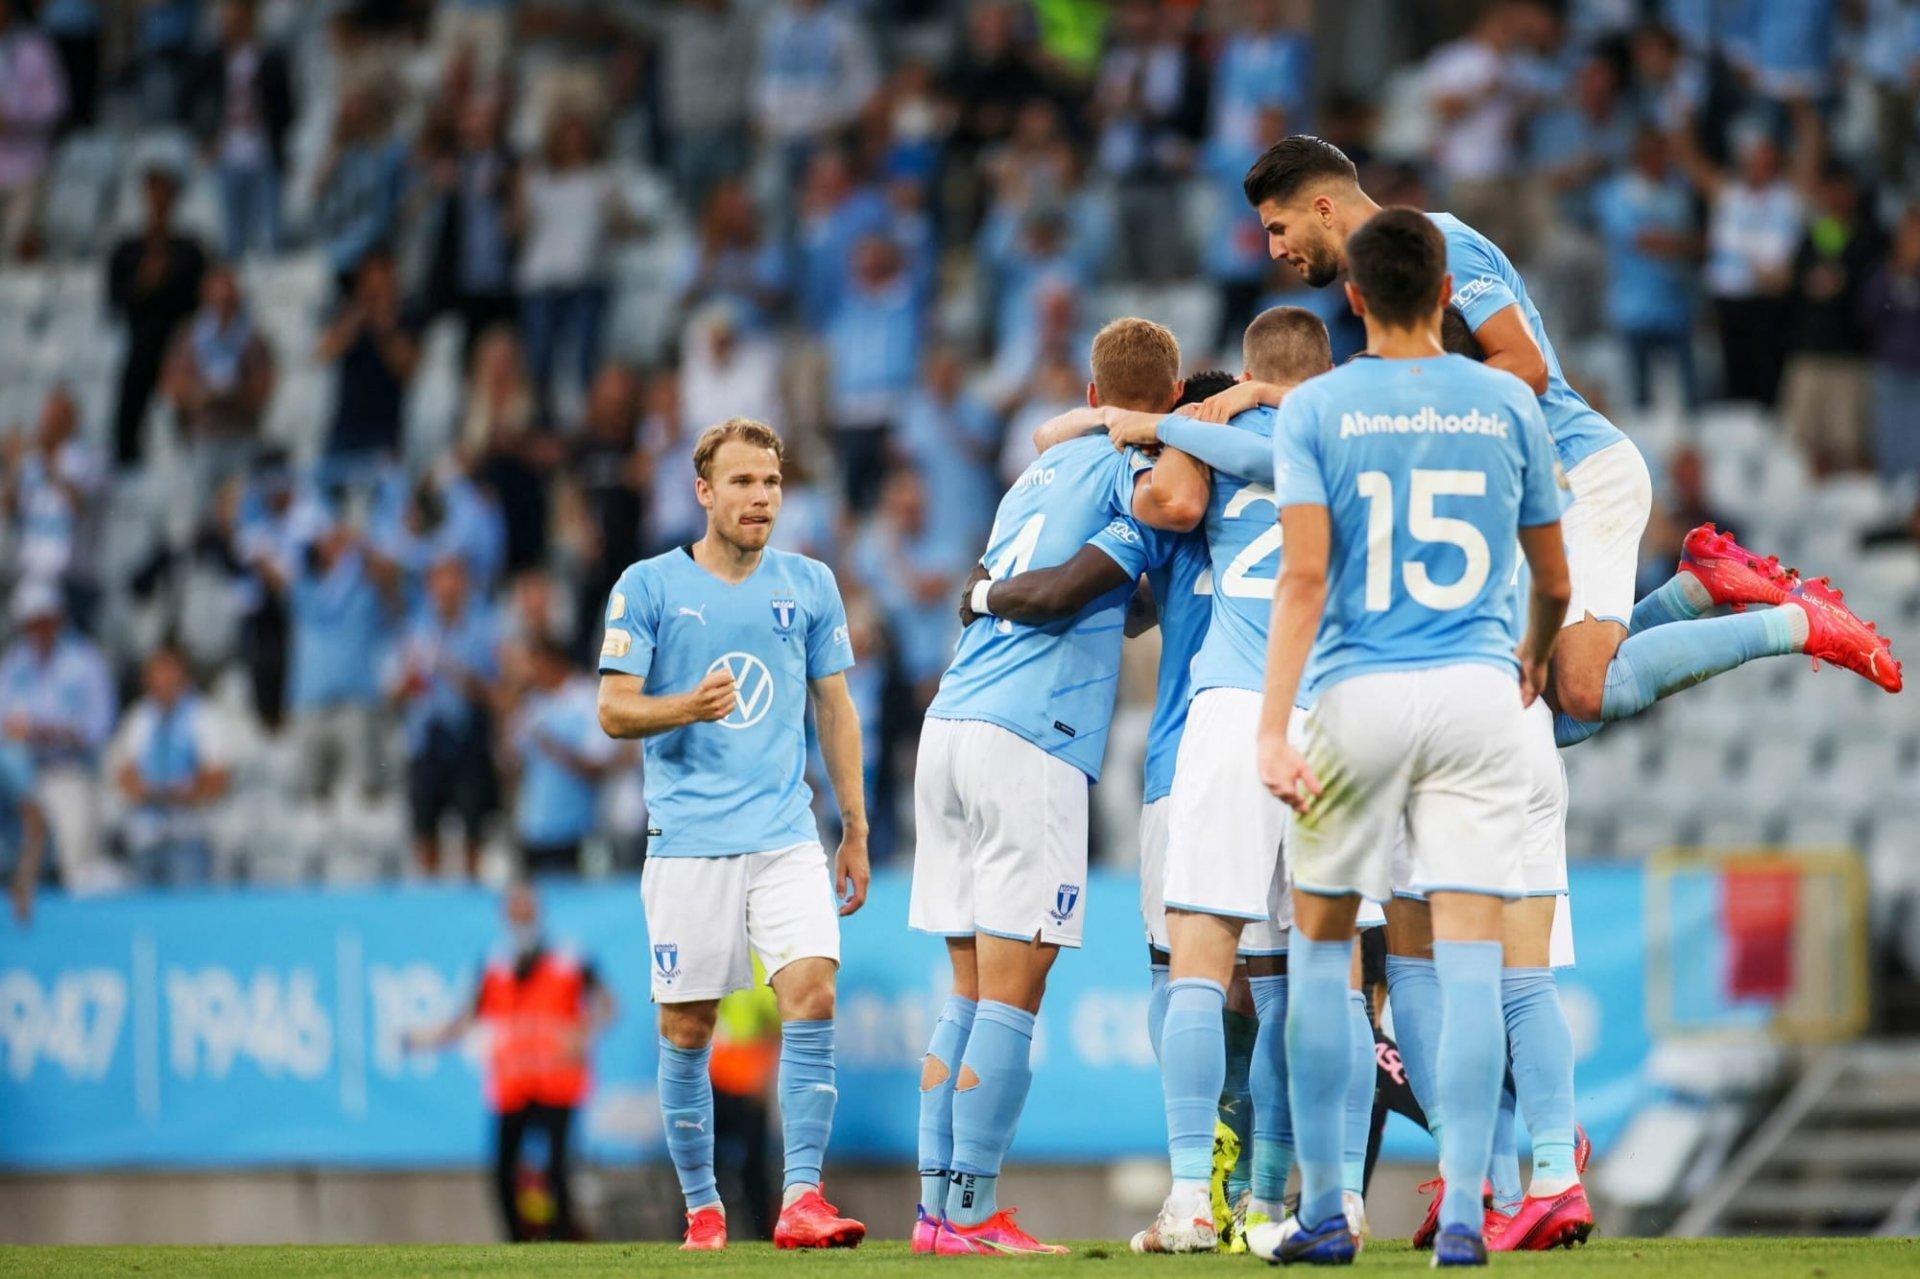 Nhận định Malmo vs Juventus, 02h00 ngày 15/09: Vòng bảng UEFA Champions League  2